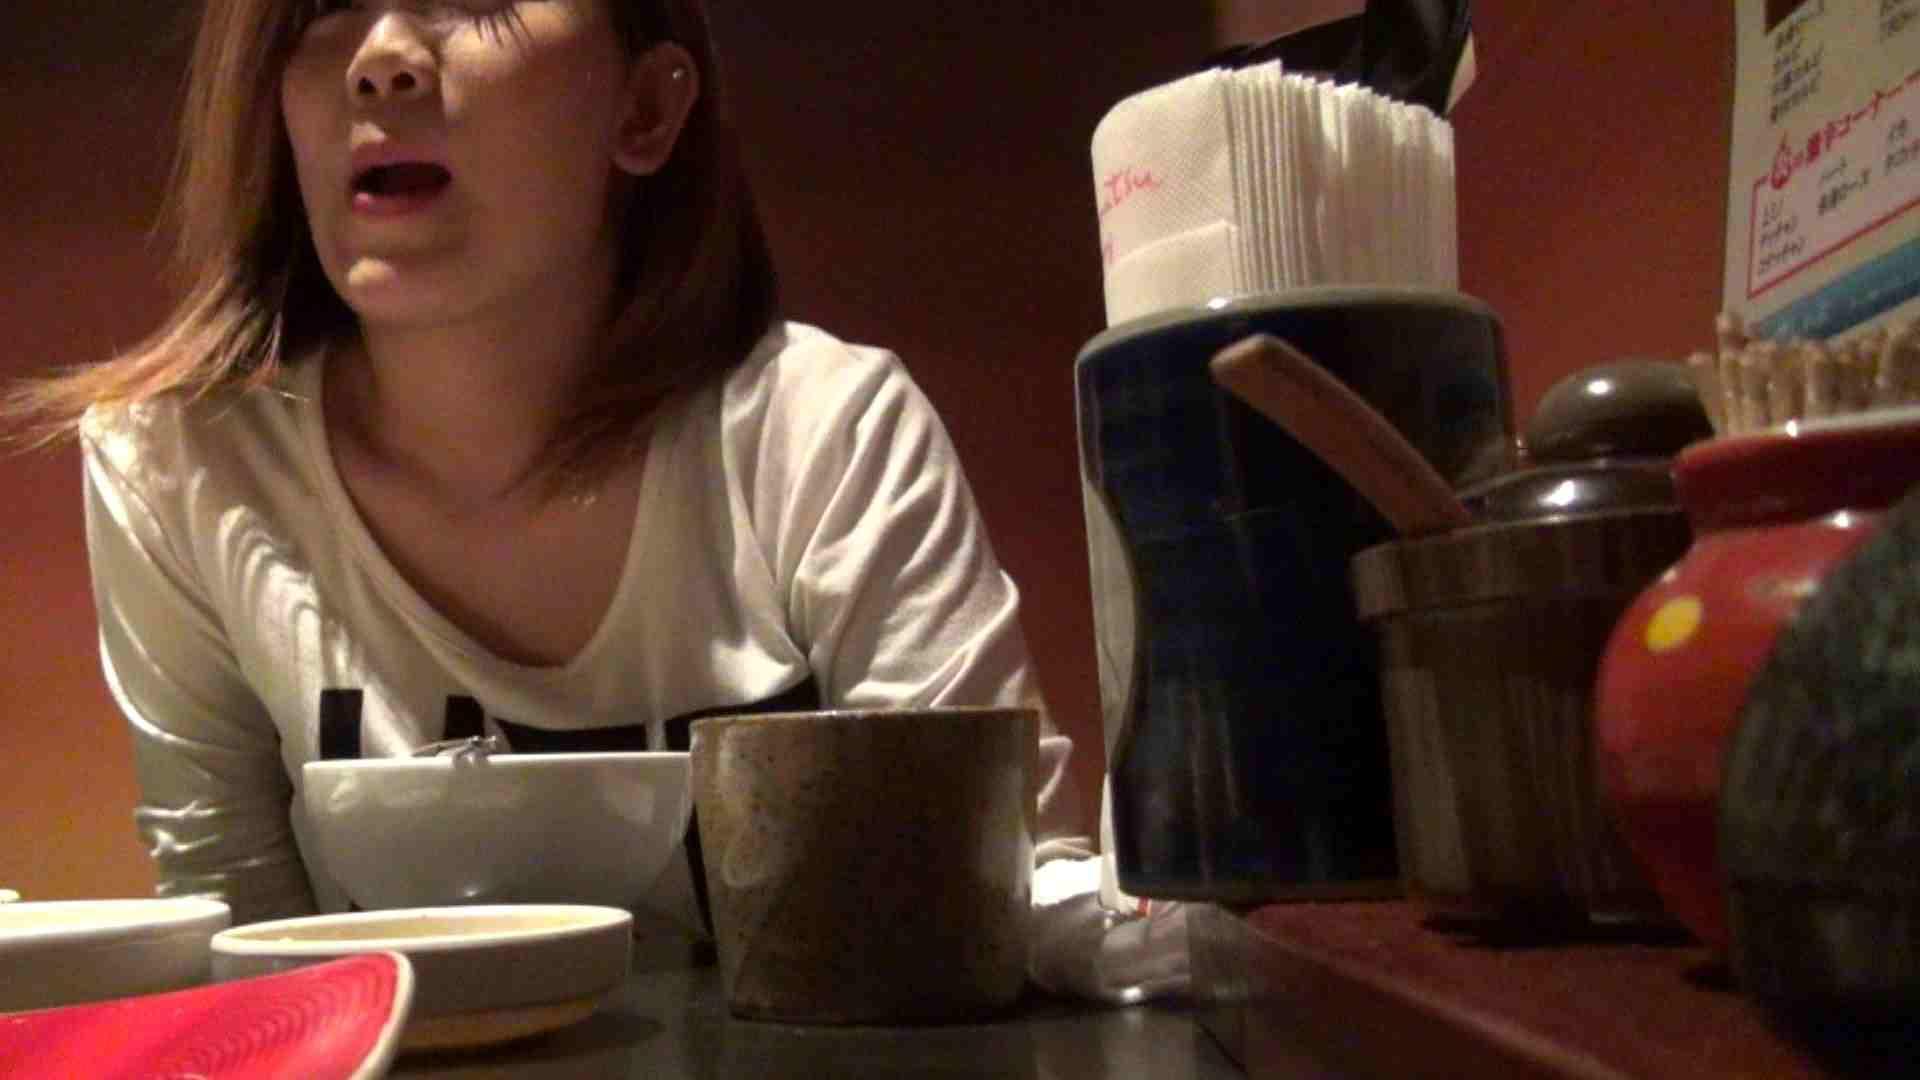 【出会い01】大助さんMちゃんと食事会 友人 | 悪戯  74連発 51